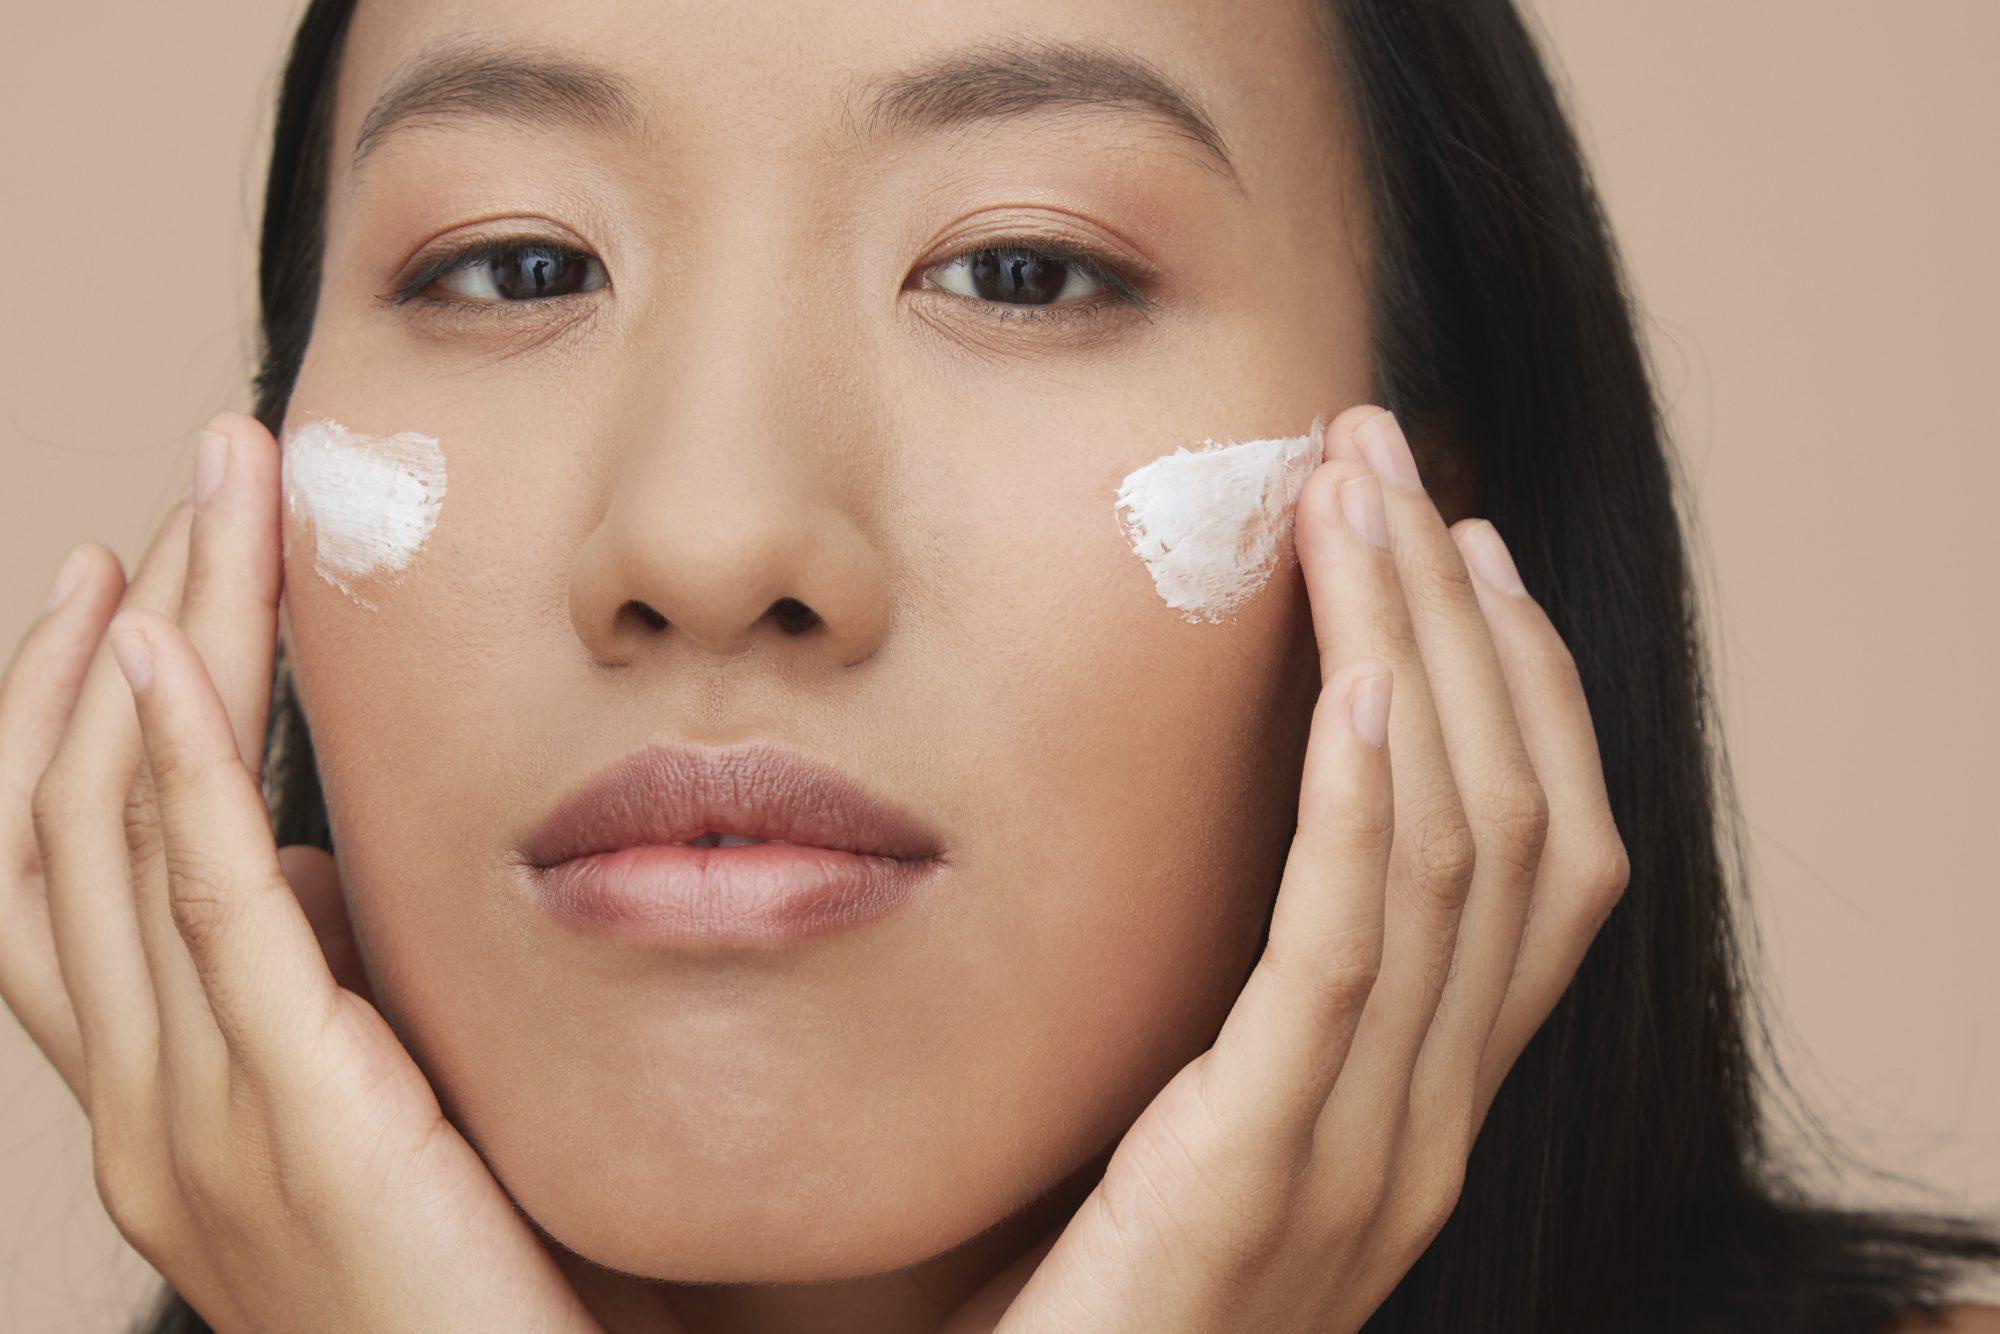 eucerin anti-aging face cream